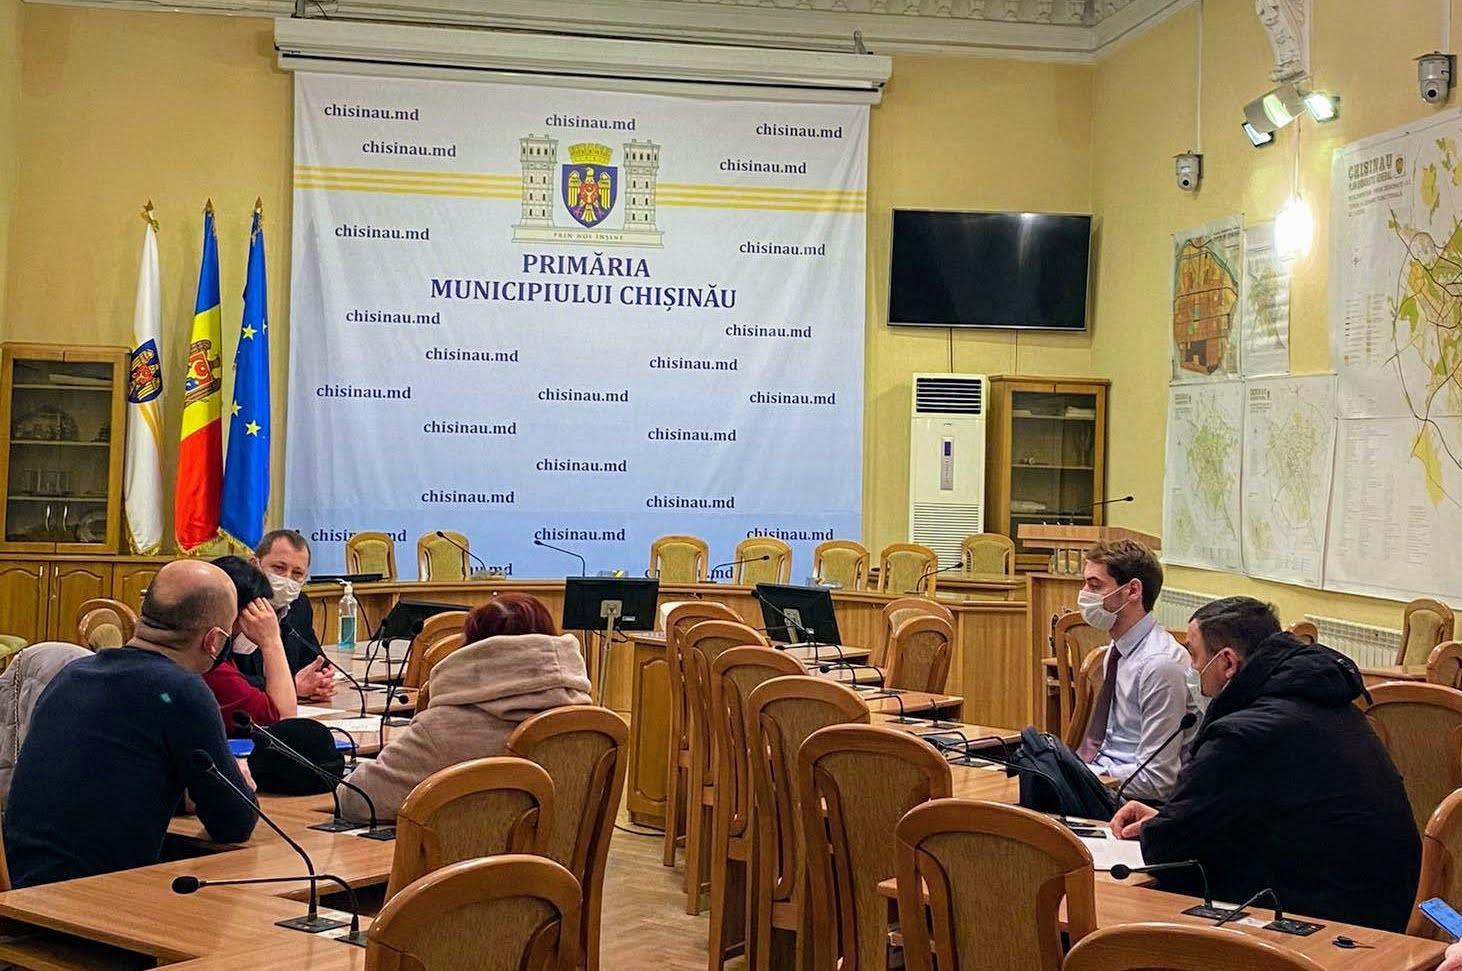 Discuția grupului de inițiativă cu reprezentanții Primăriei. 5.01.2021